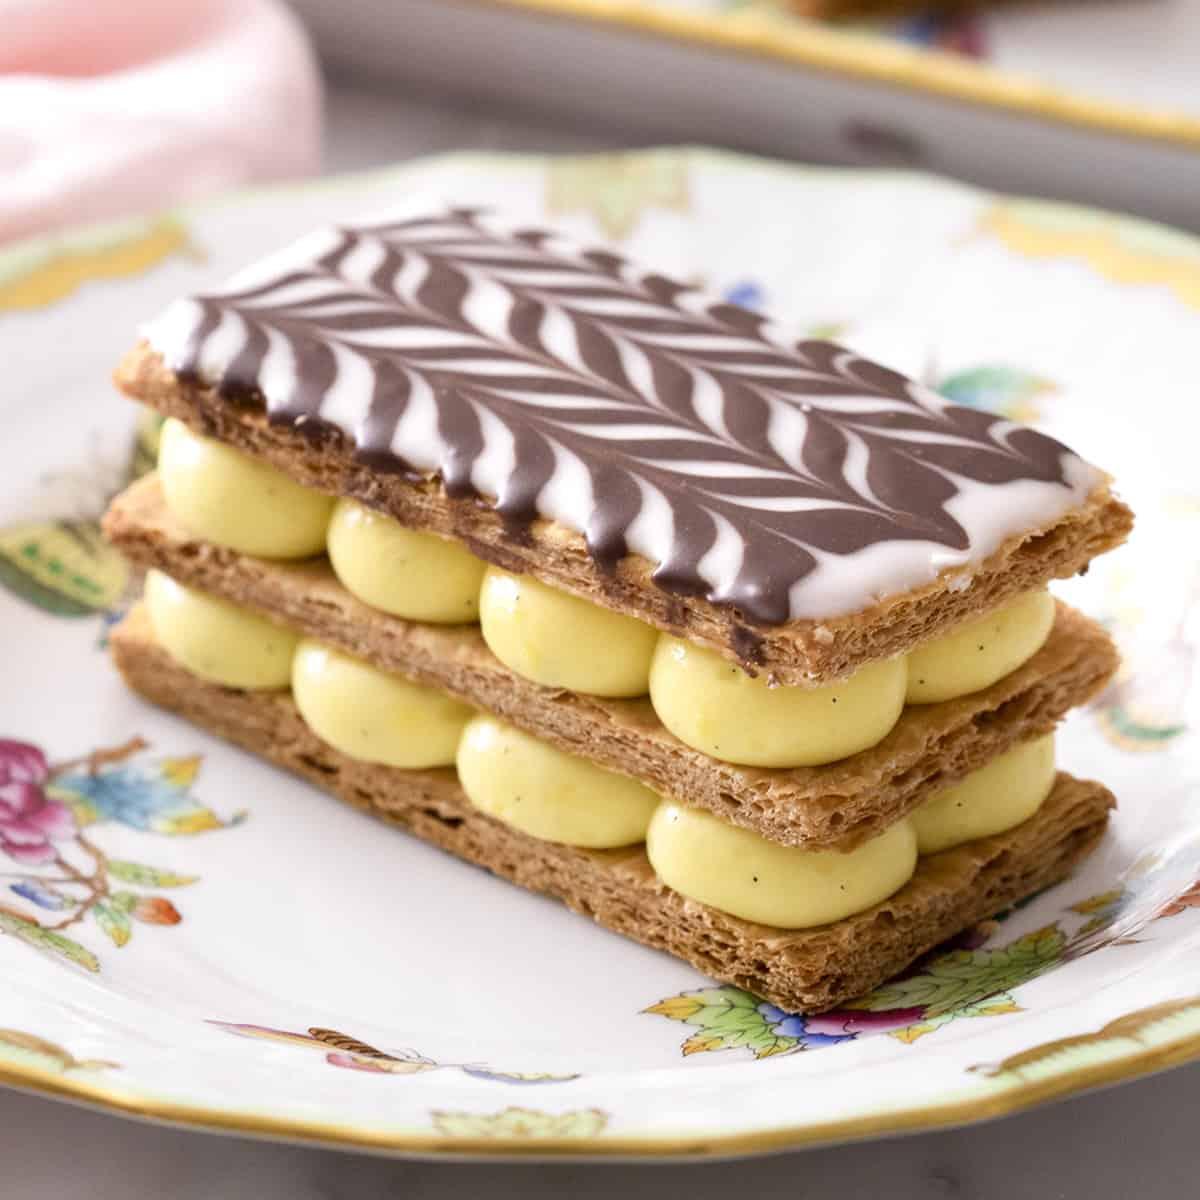 Τα 10 διάσημα γλυκά της Γαλλίας απογειώνουν τη ζαχαροπλαστική! All time classic γεύσεις...